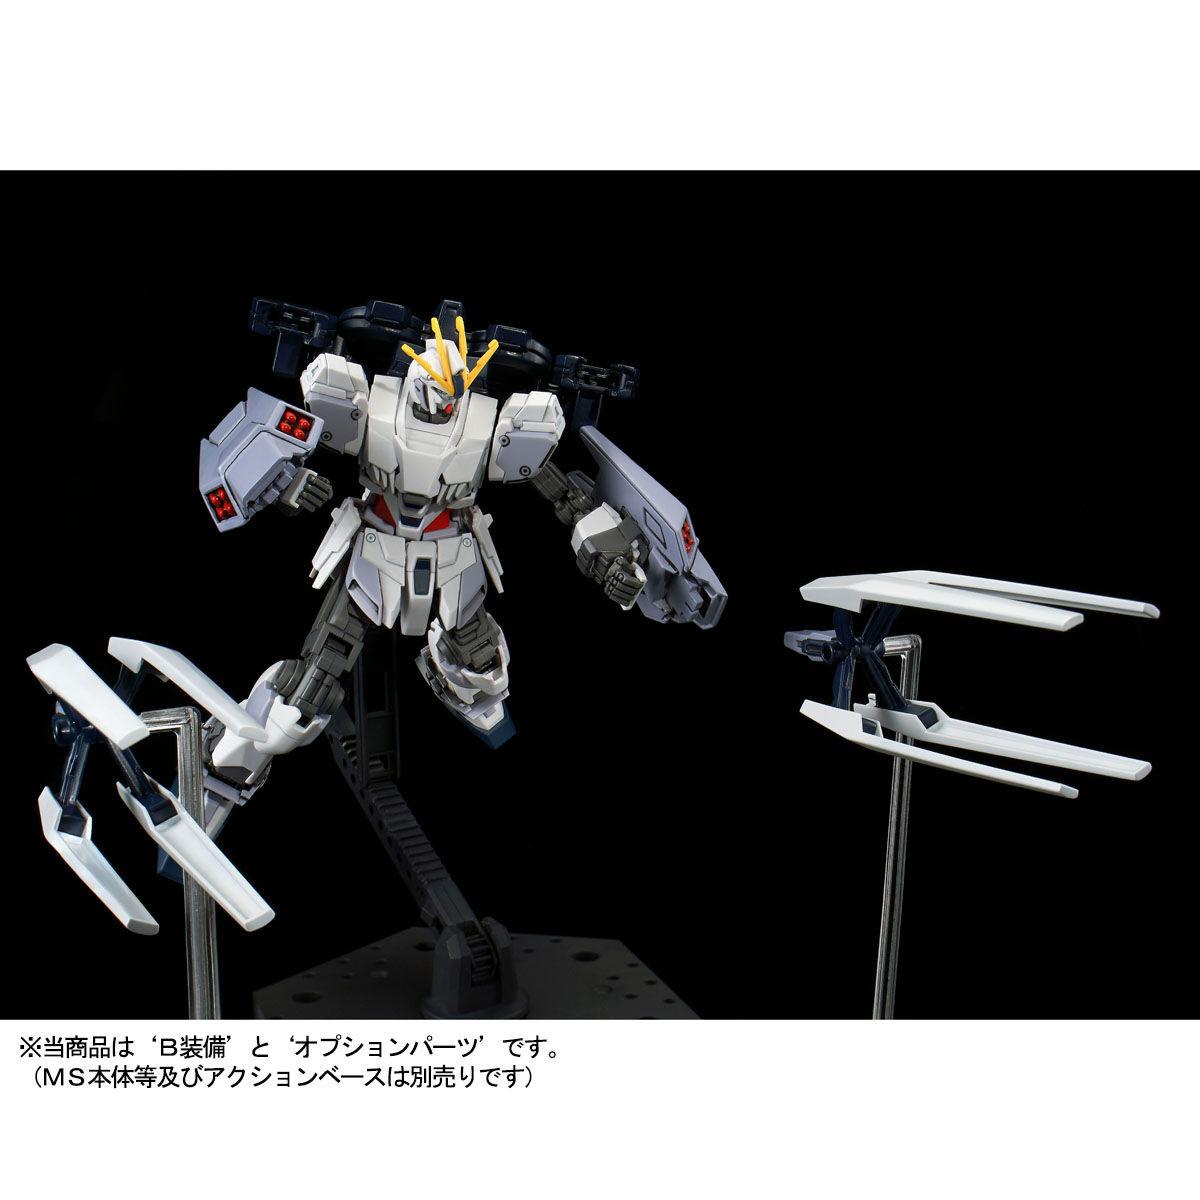 HG 1/144『ナラティブガンダム用 B装備拡張セット』ガンダムNT プラモデル-008